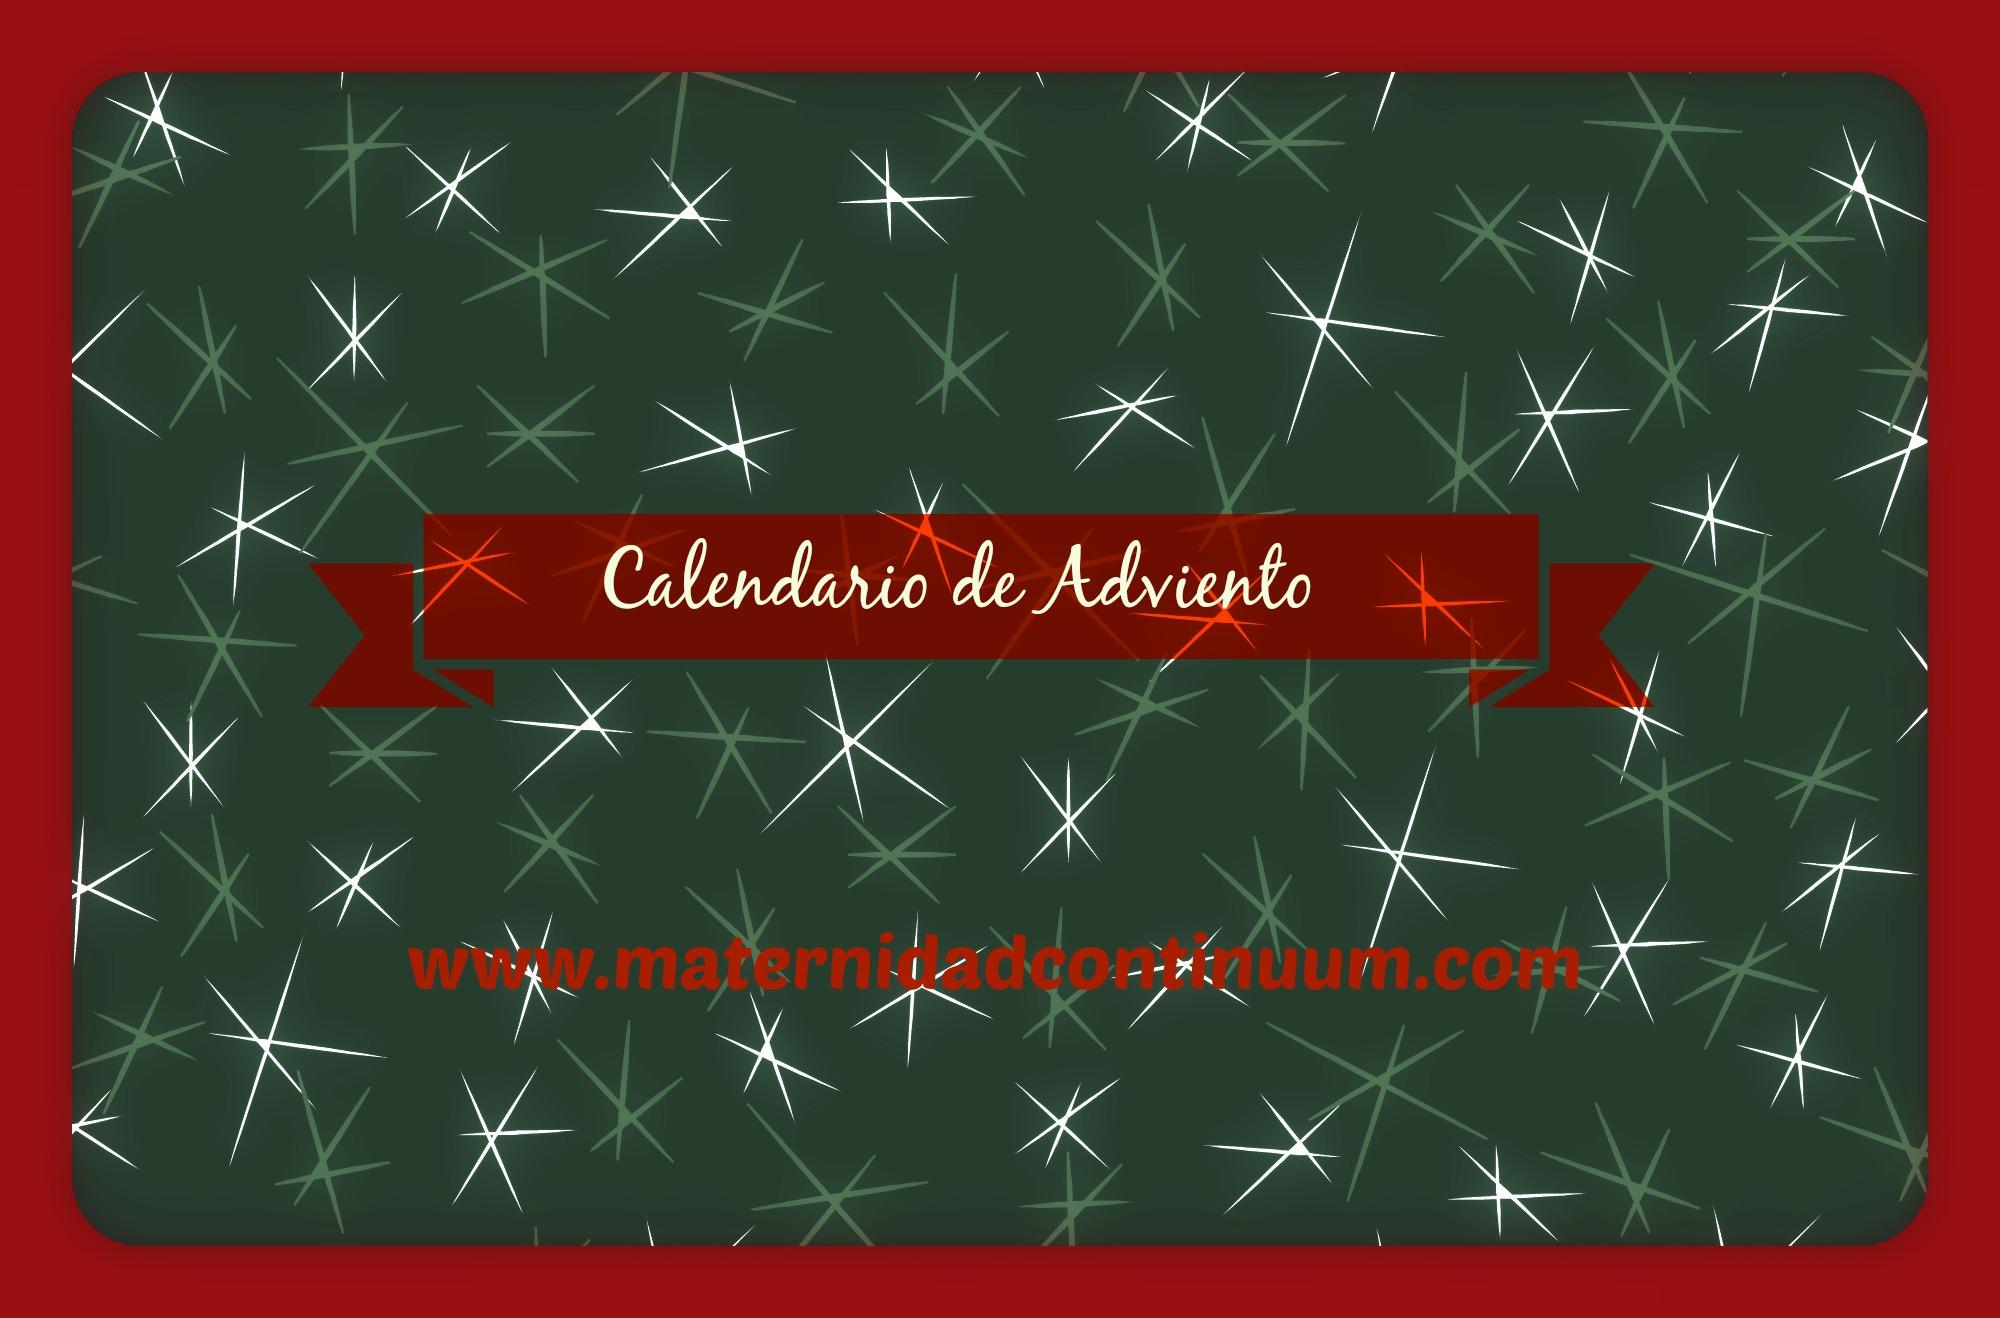 Hacemos un calendario de adviento maternidad continuum for Calendario adviento ikea